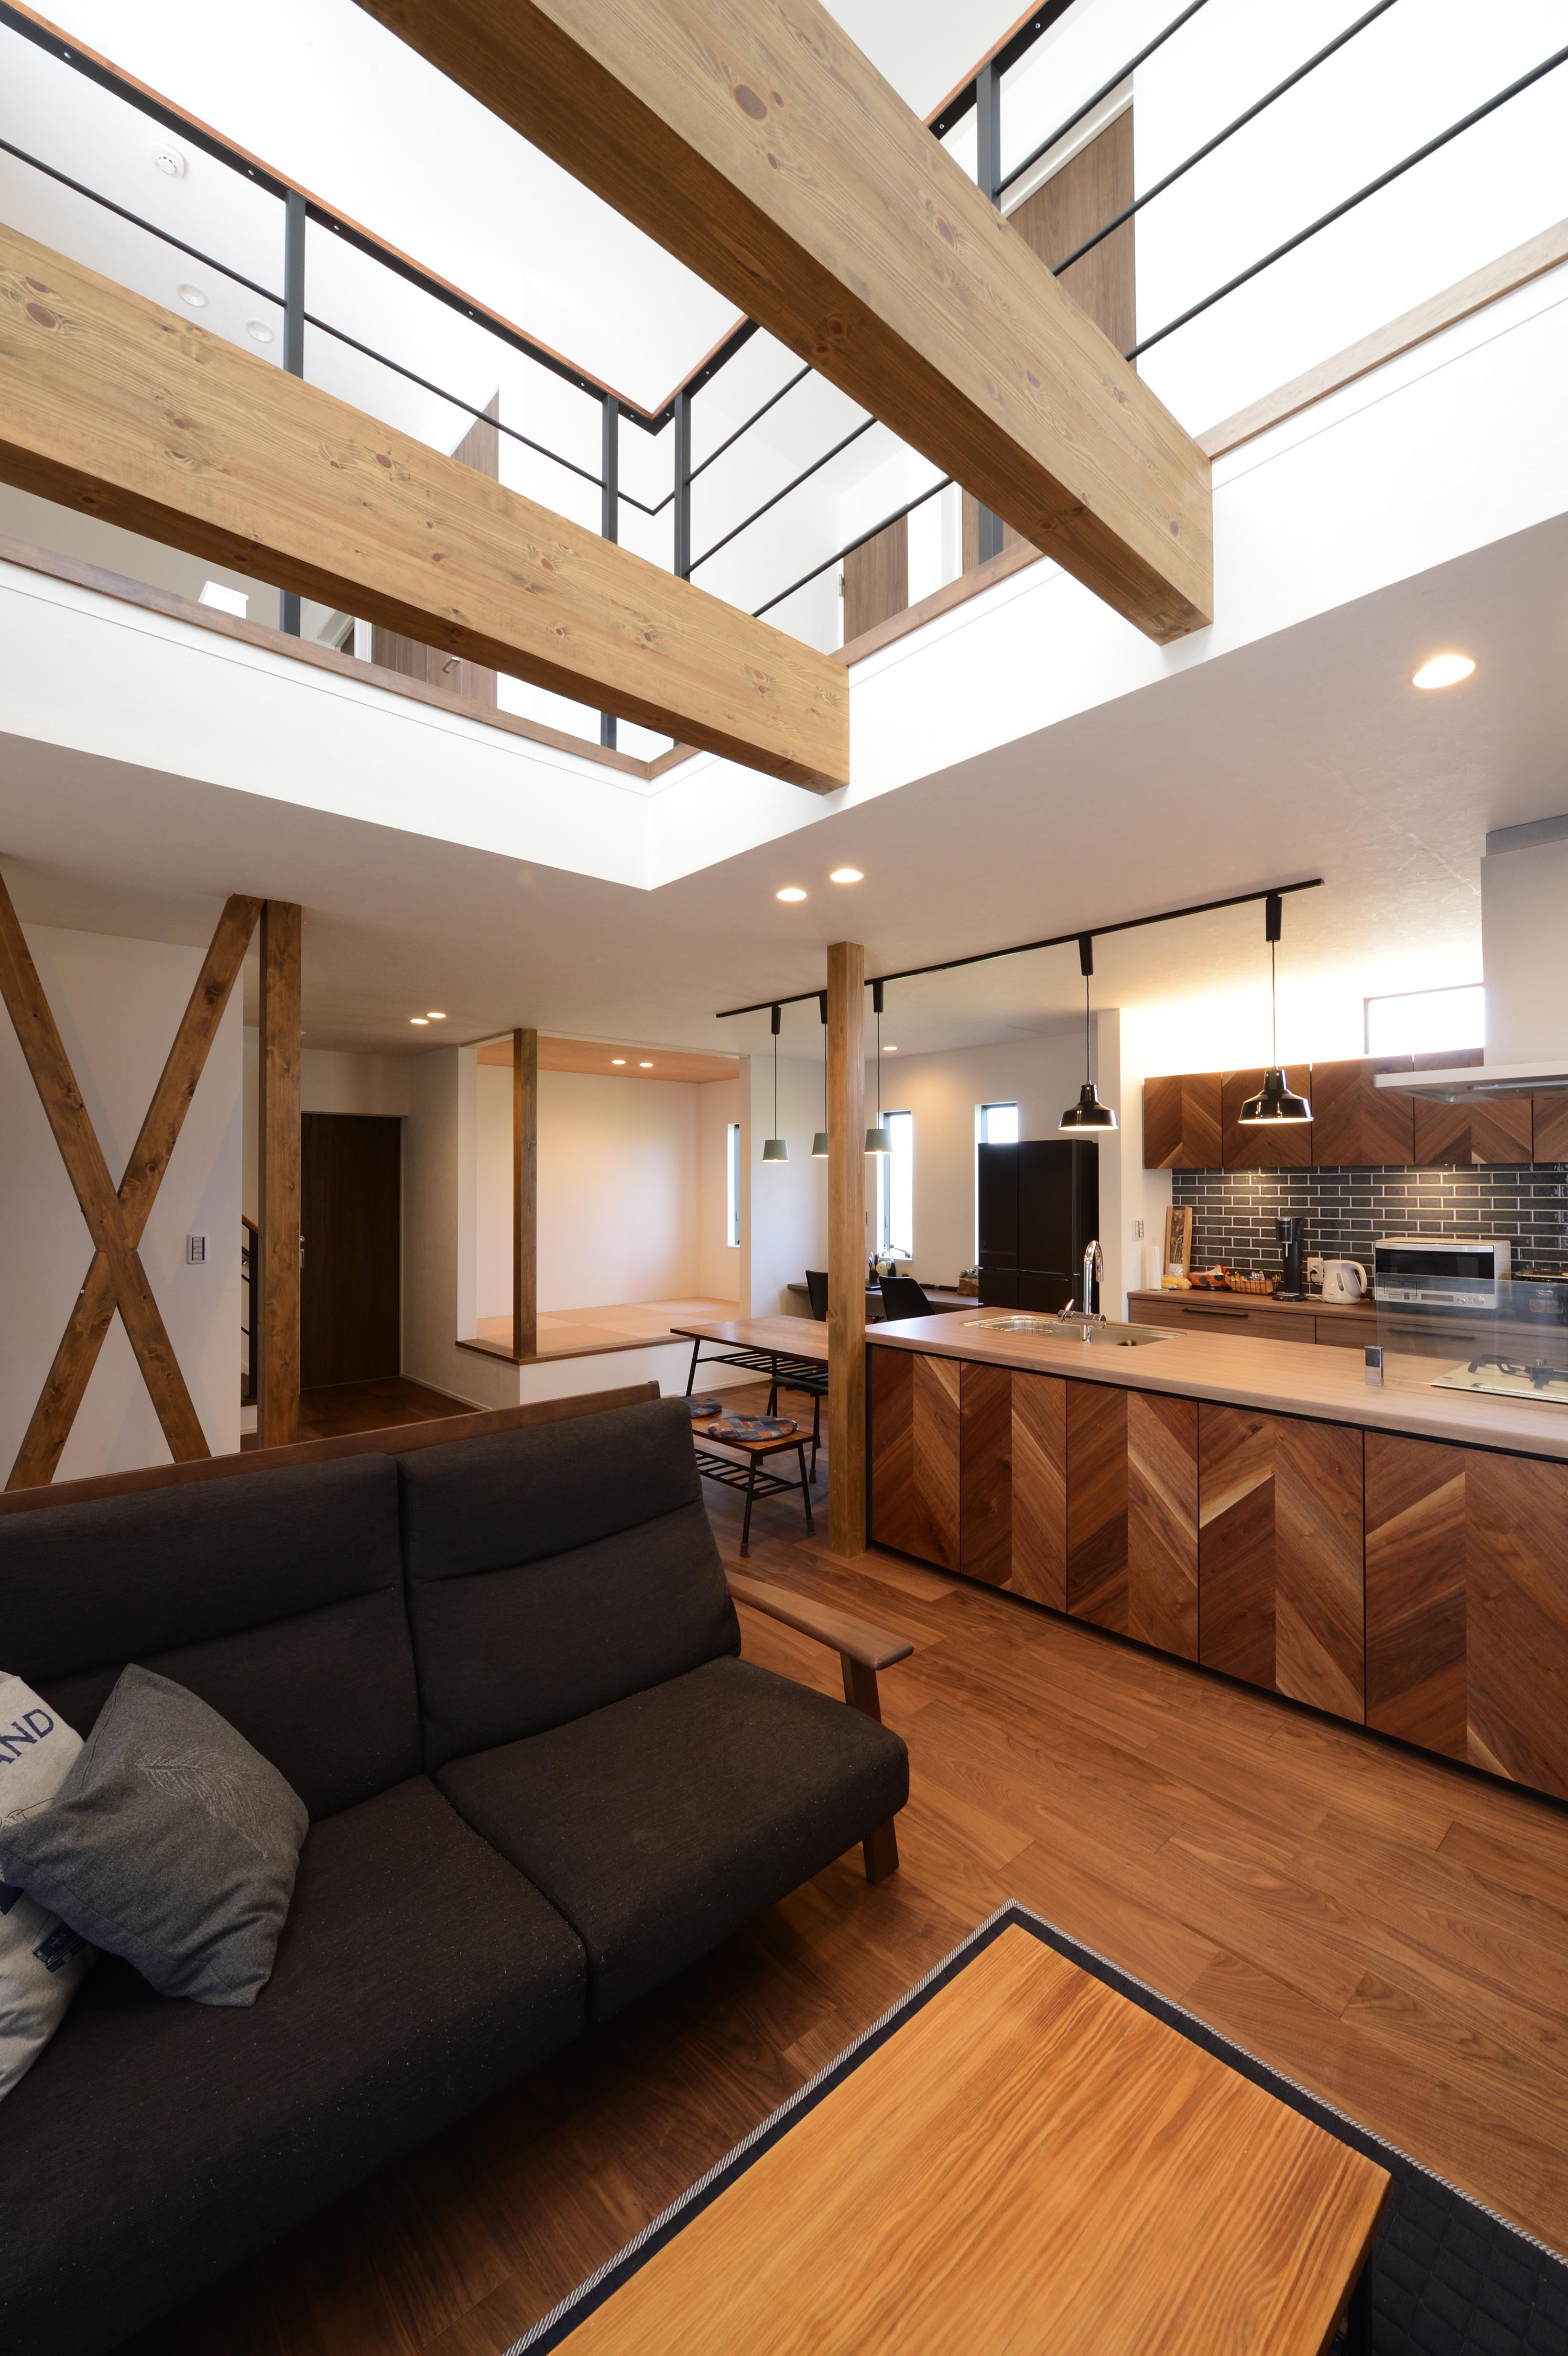 アルファホーム【デザイン住宅、子育て、インテリア】キッチンを中心とした約23帖の広々LDK。リビング上は吹き抜けとなっており、明るく、開放感がある